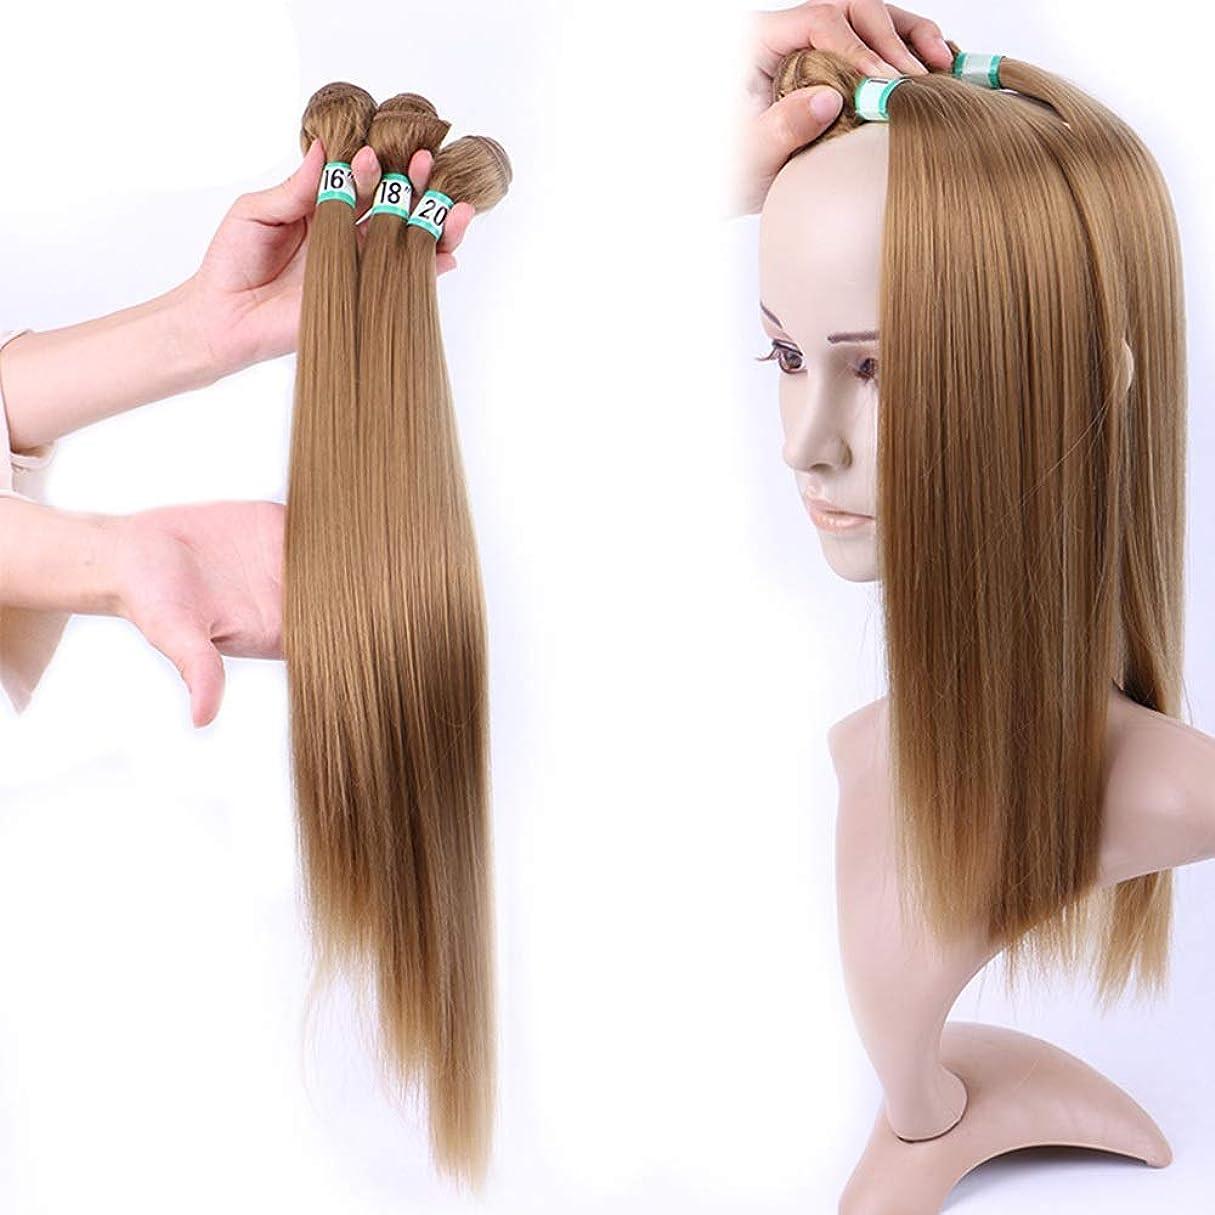 変更可能始まり追うHOHYLLYA 女性のシルキーストレートヘア織り3バンドルヘアエクステンション - 27#ブロンド(1バンドル/ 70g)合成髪レースかつらロールプレイングウィッグロング&ショート女性自然 (色 : Blonde, サイズ : 20